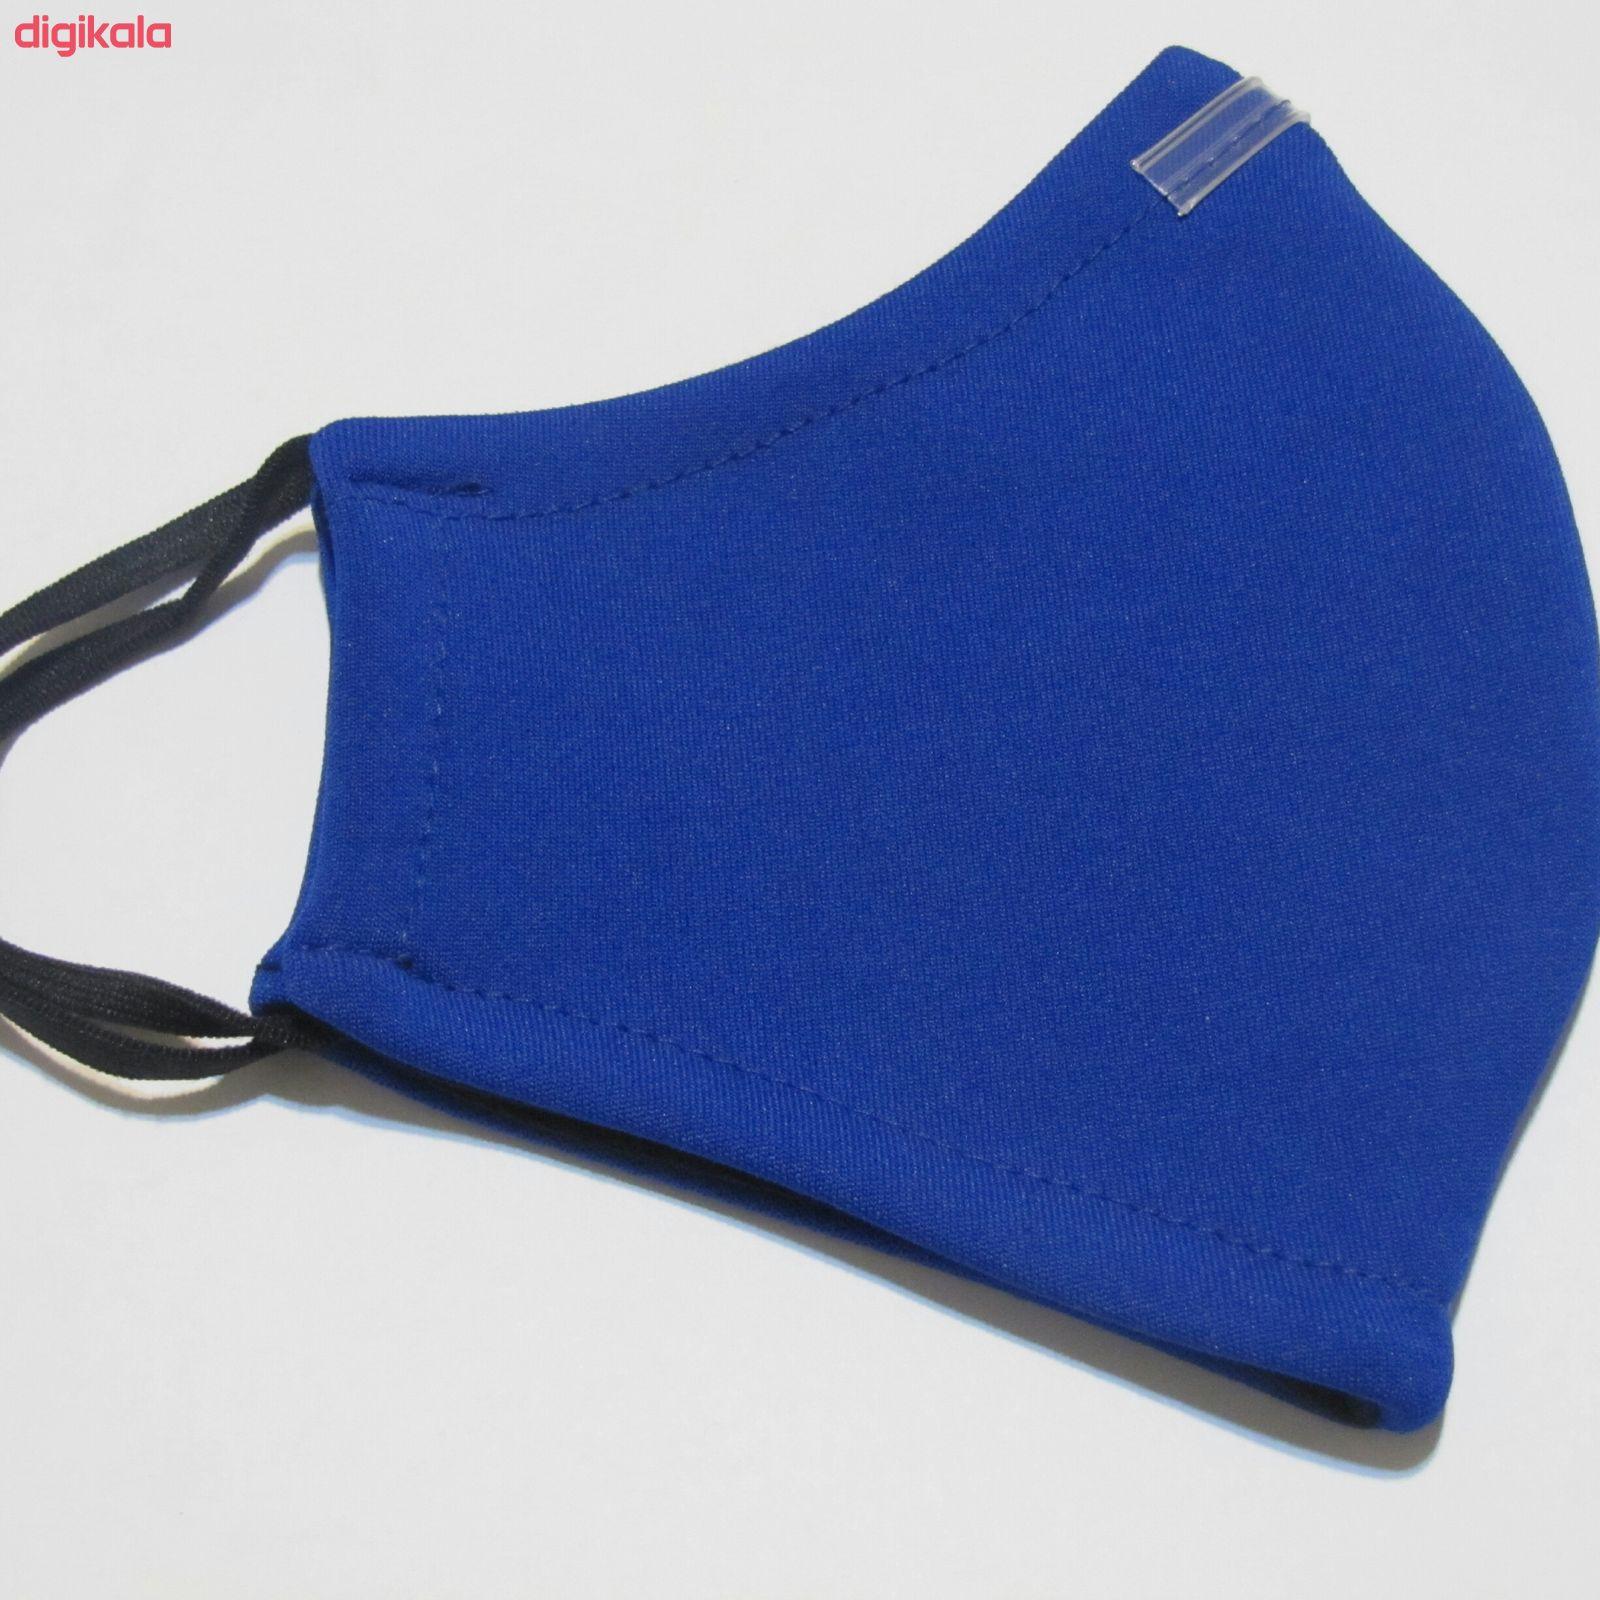 ماسک پارچه ای مدل mgh1 main 1 10